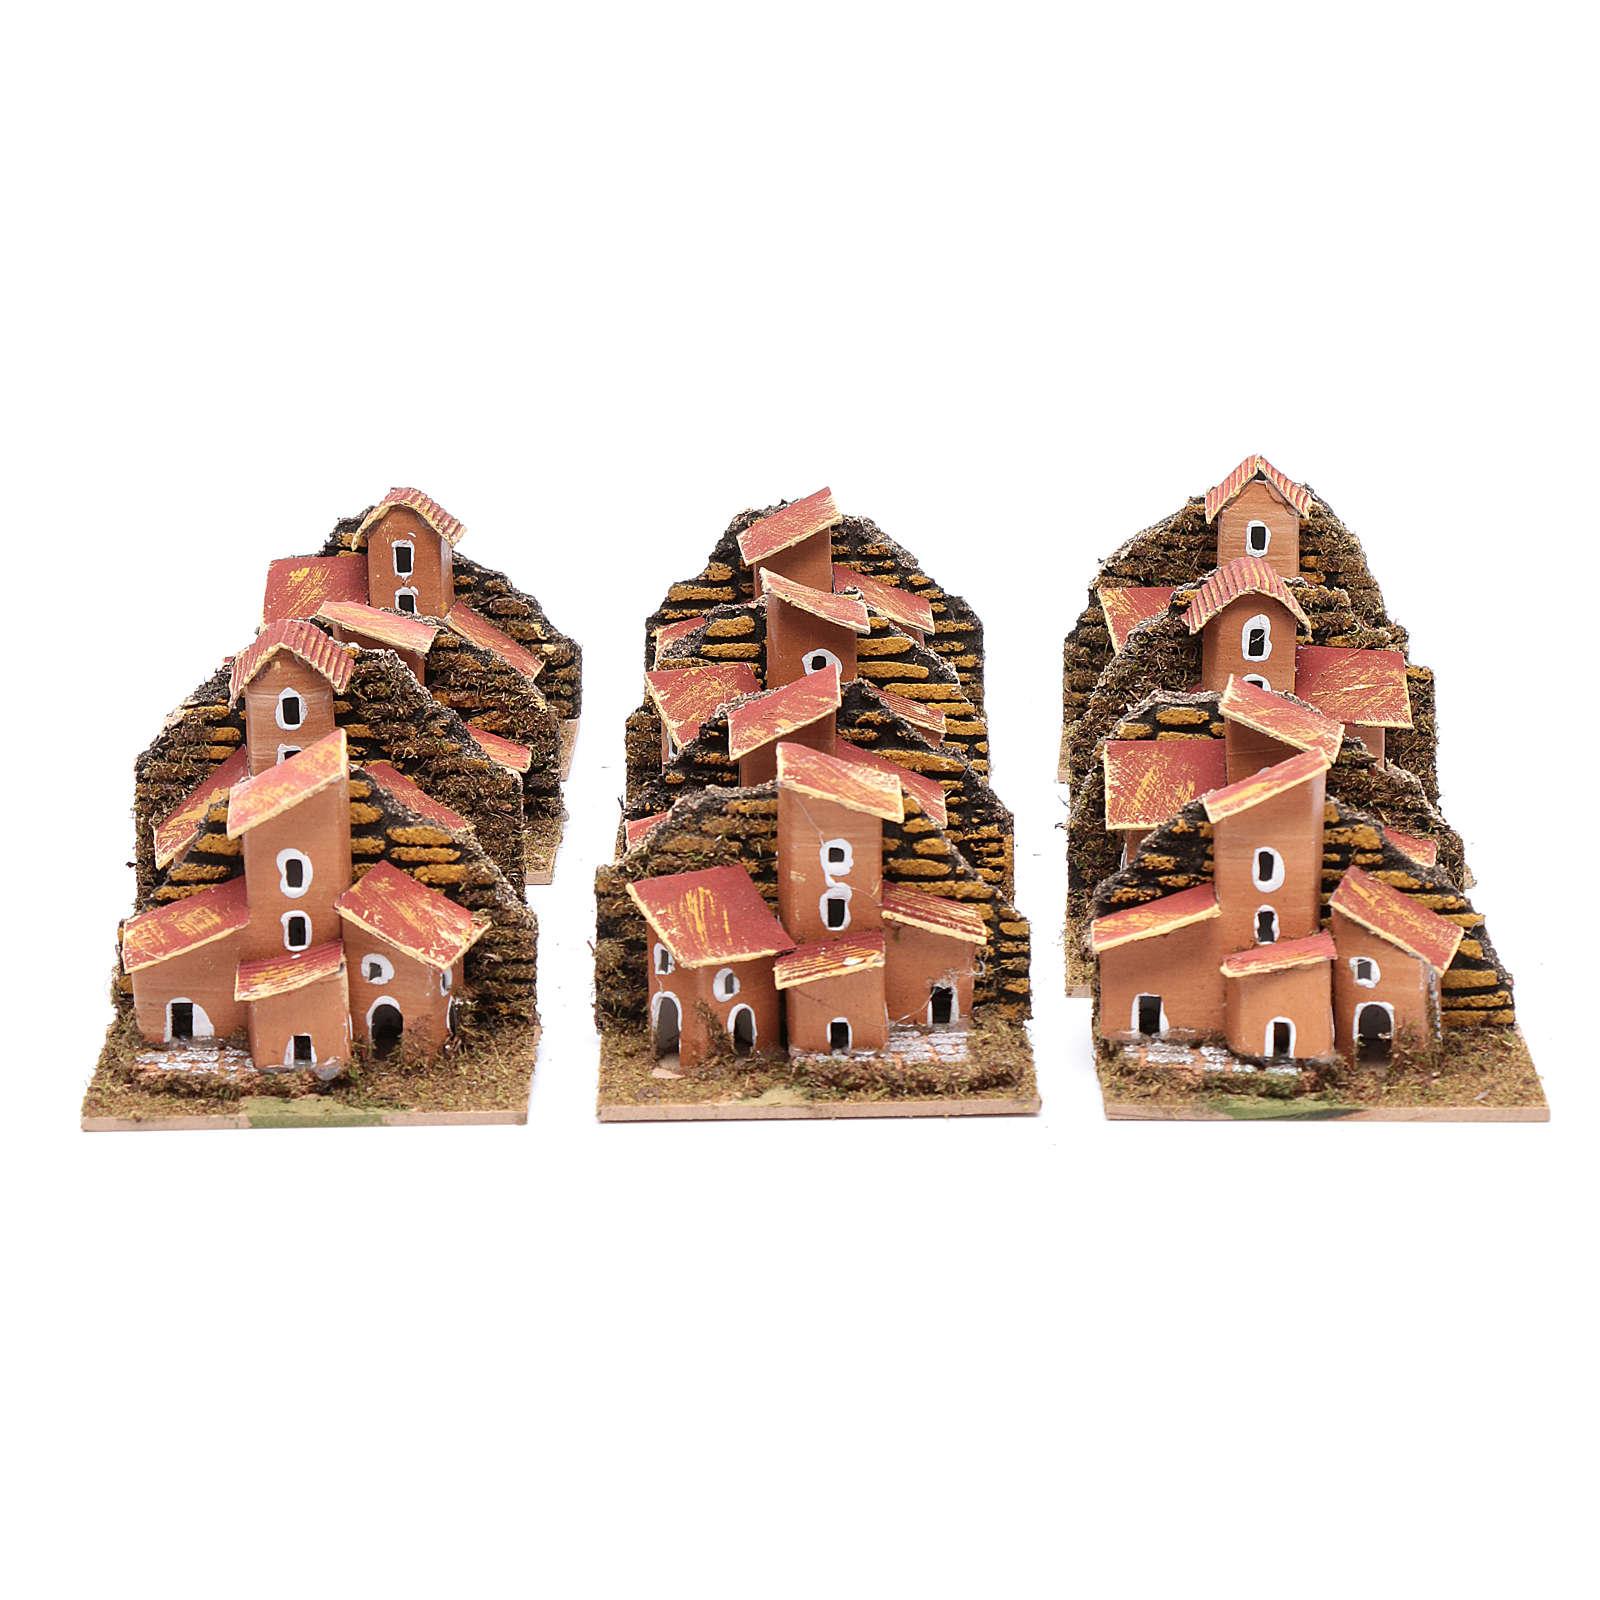 Set 12 piezas casitas 5x10x5 cm belén hecho con bricolaje 4